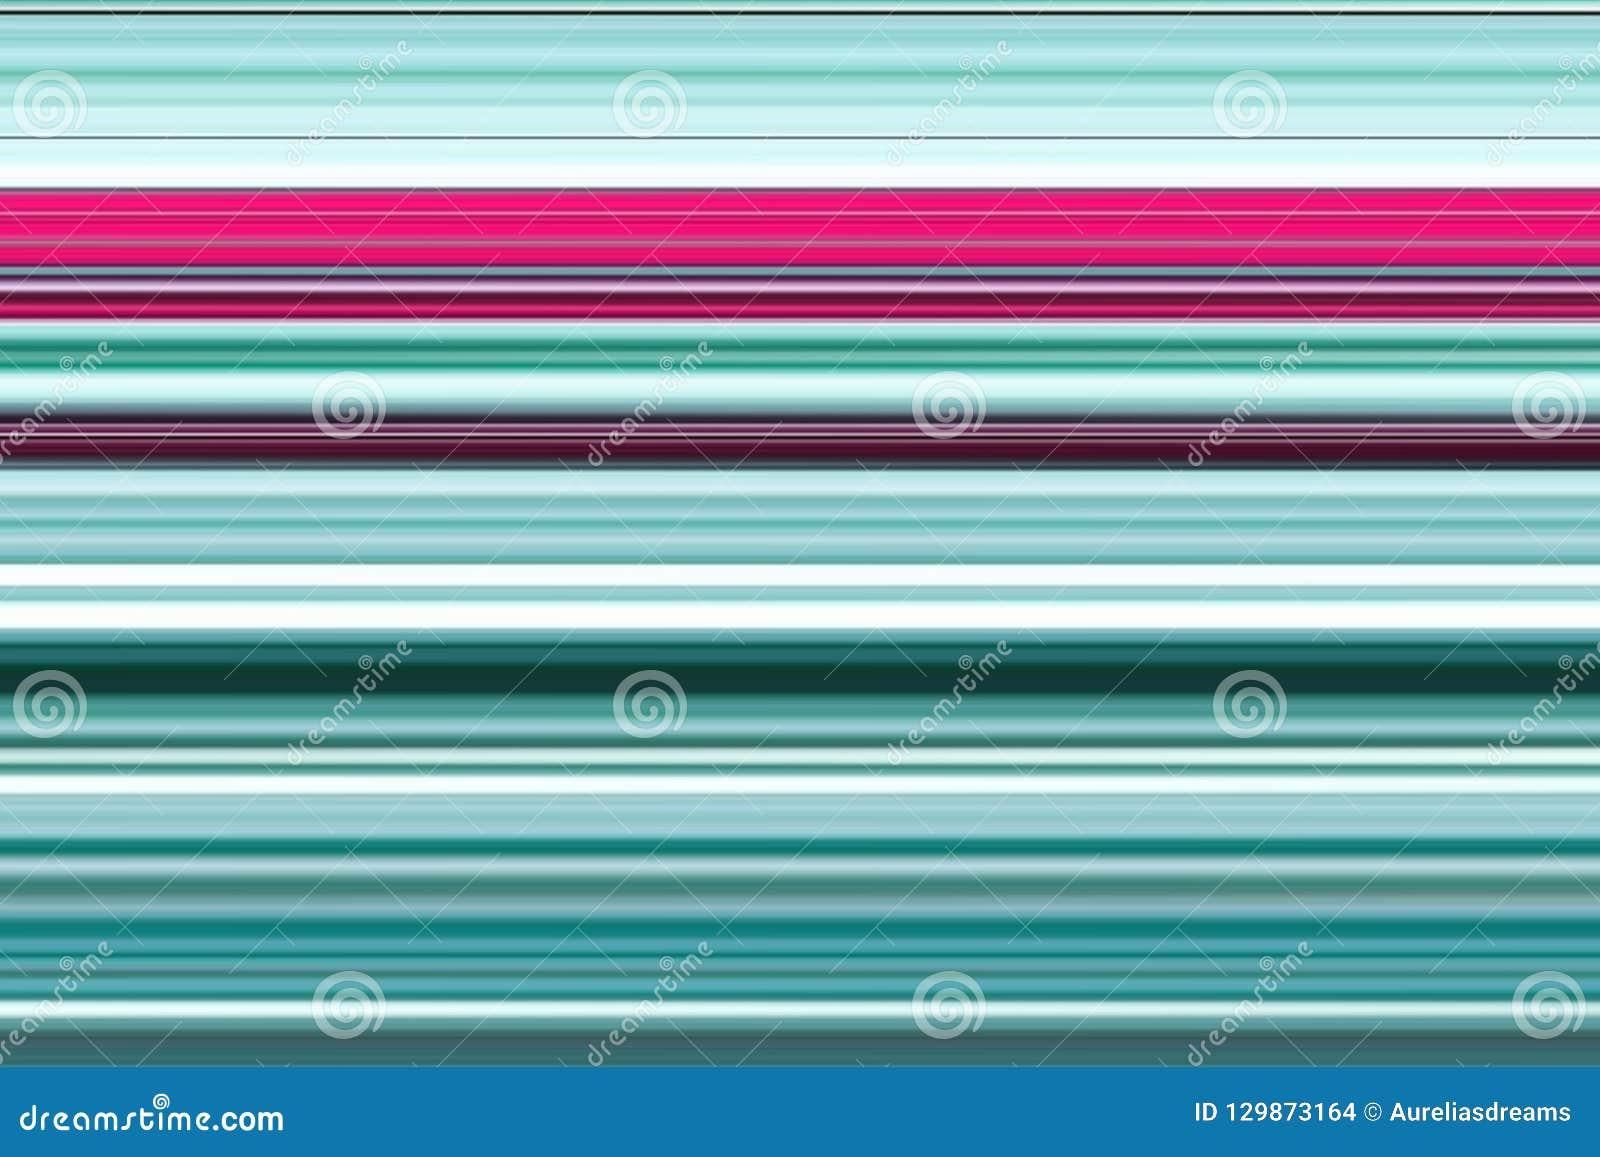 Lineas horizontales brillantes fondo, textura del extracto olorful del ¡de Ð en tonos púrpuras y azules claros